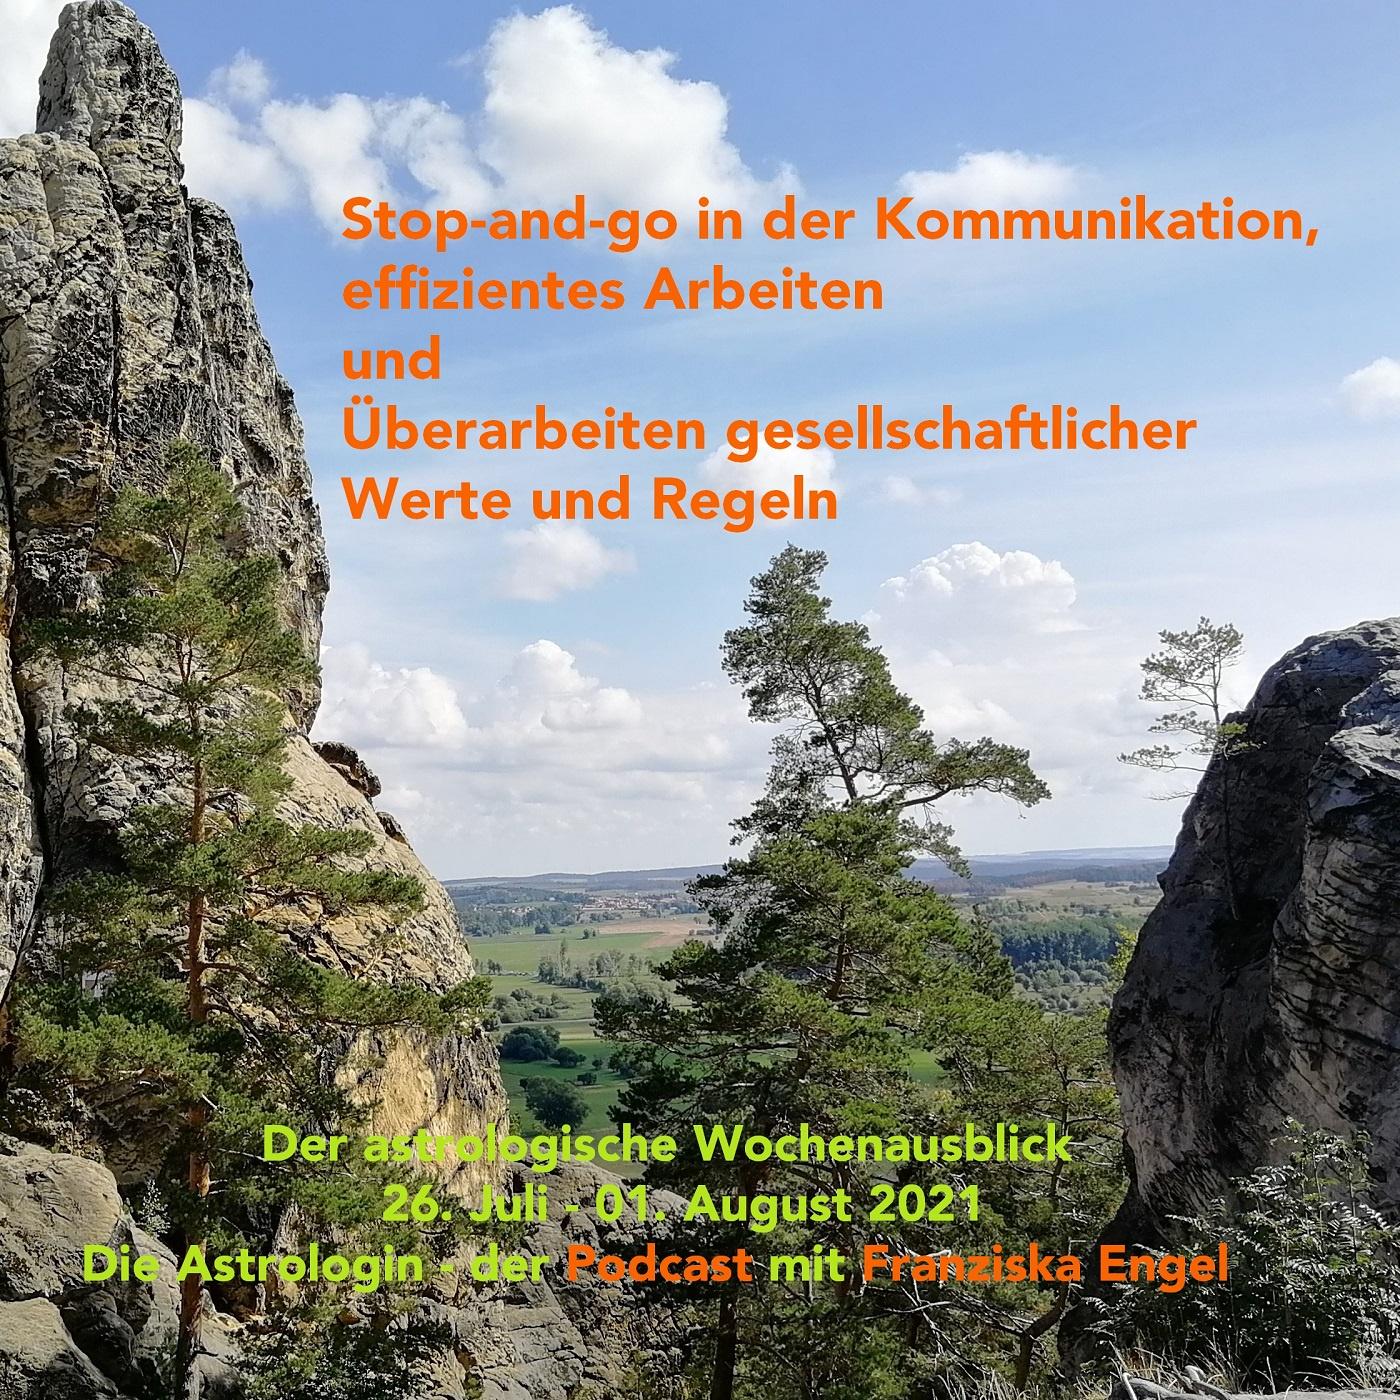 Stop-and-go in der Kommunikation, effizientes Arbeiten und Überarbeiten gesellschaftlicher Werte und Regeln